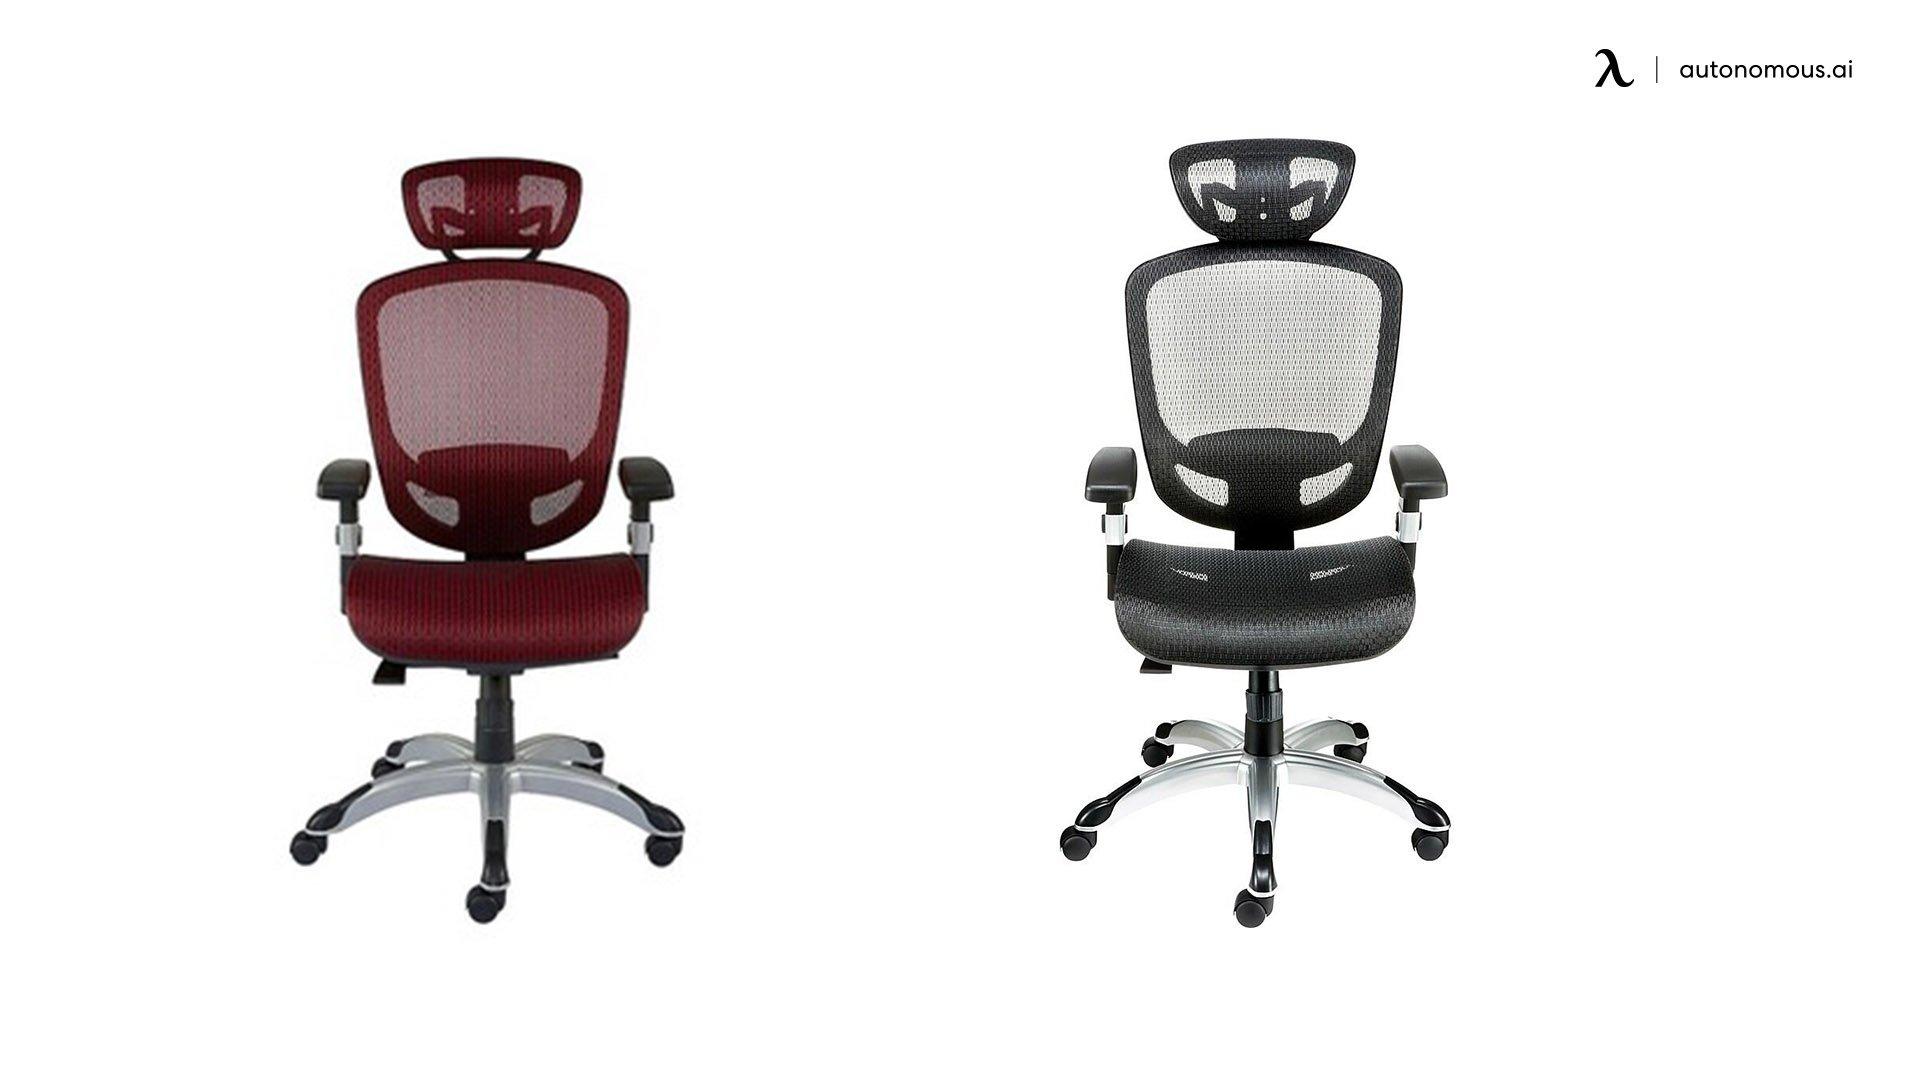 The Hyken Task chair from Staples